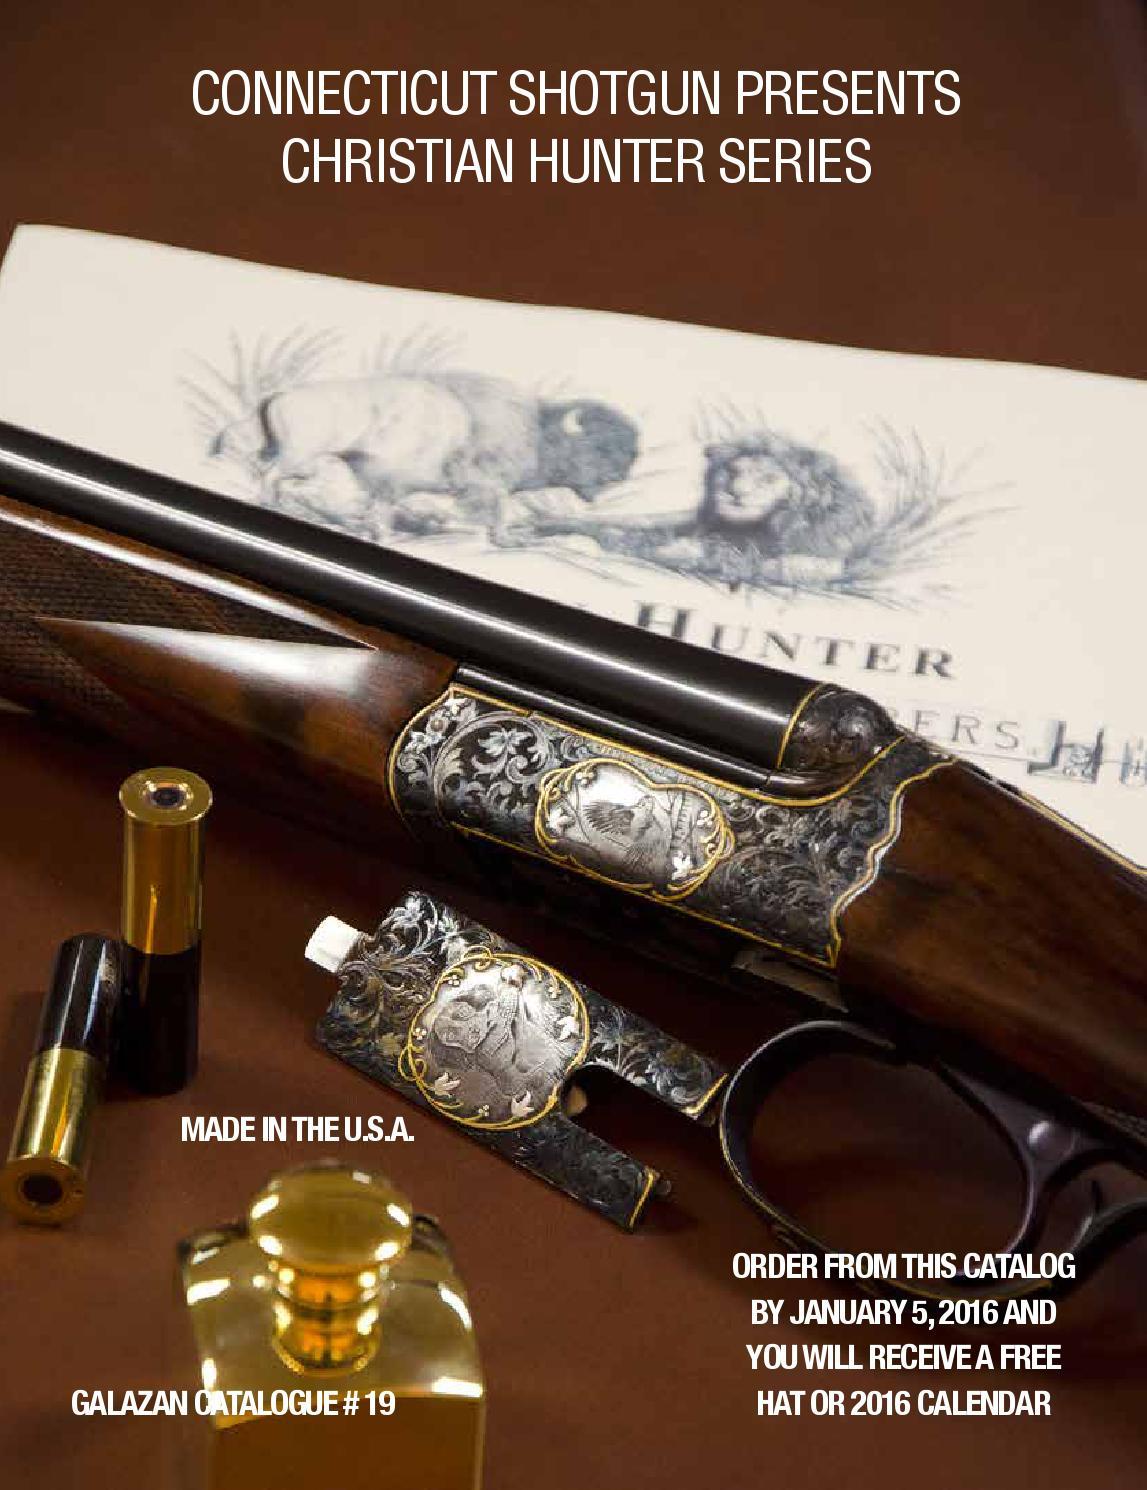 27b390bd6b831 Galazan catalog  19 by Connecticut Shotgun Mfg. Co. - issuu